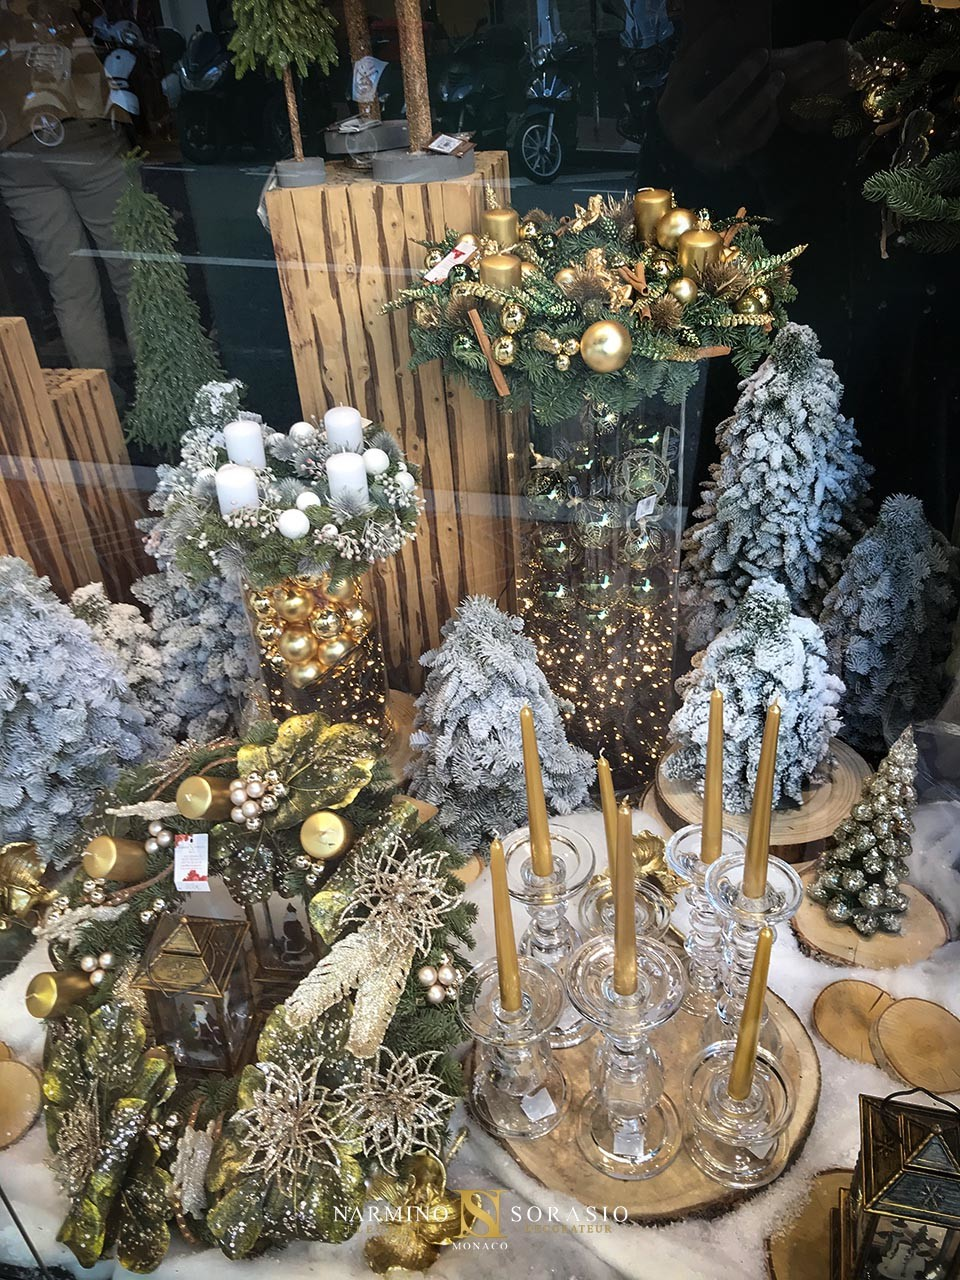 Décoration de Noël dans nos vitrines